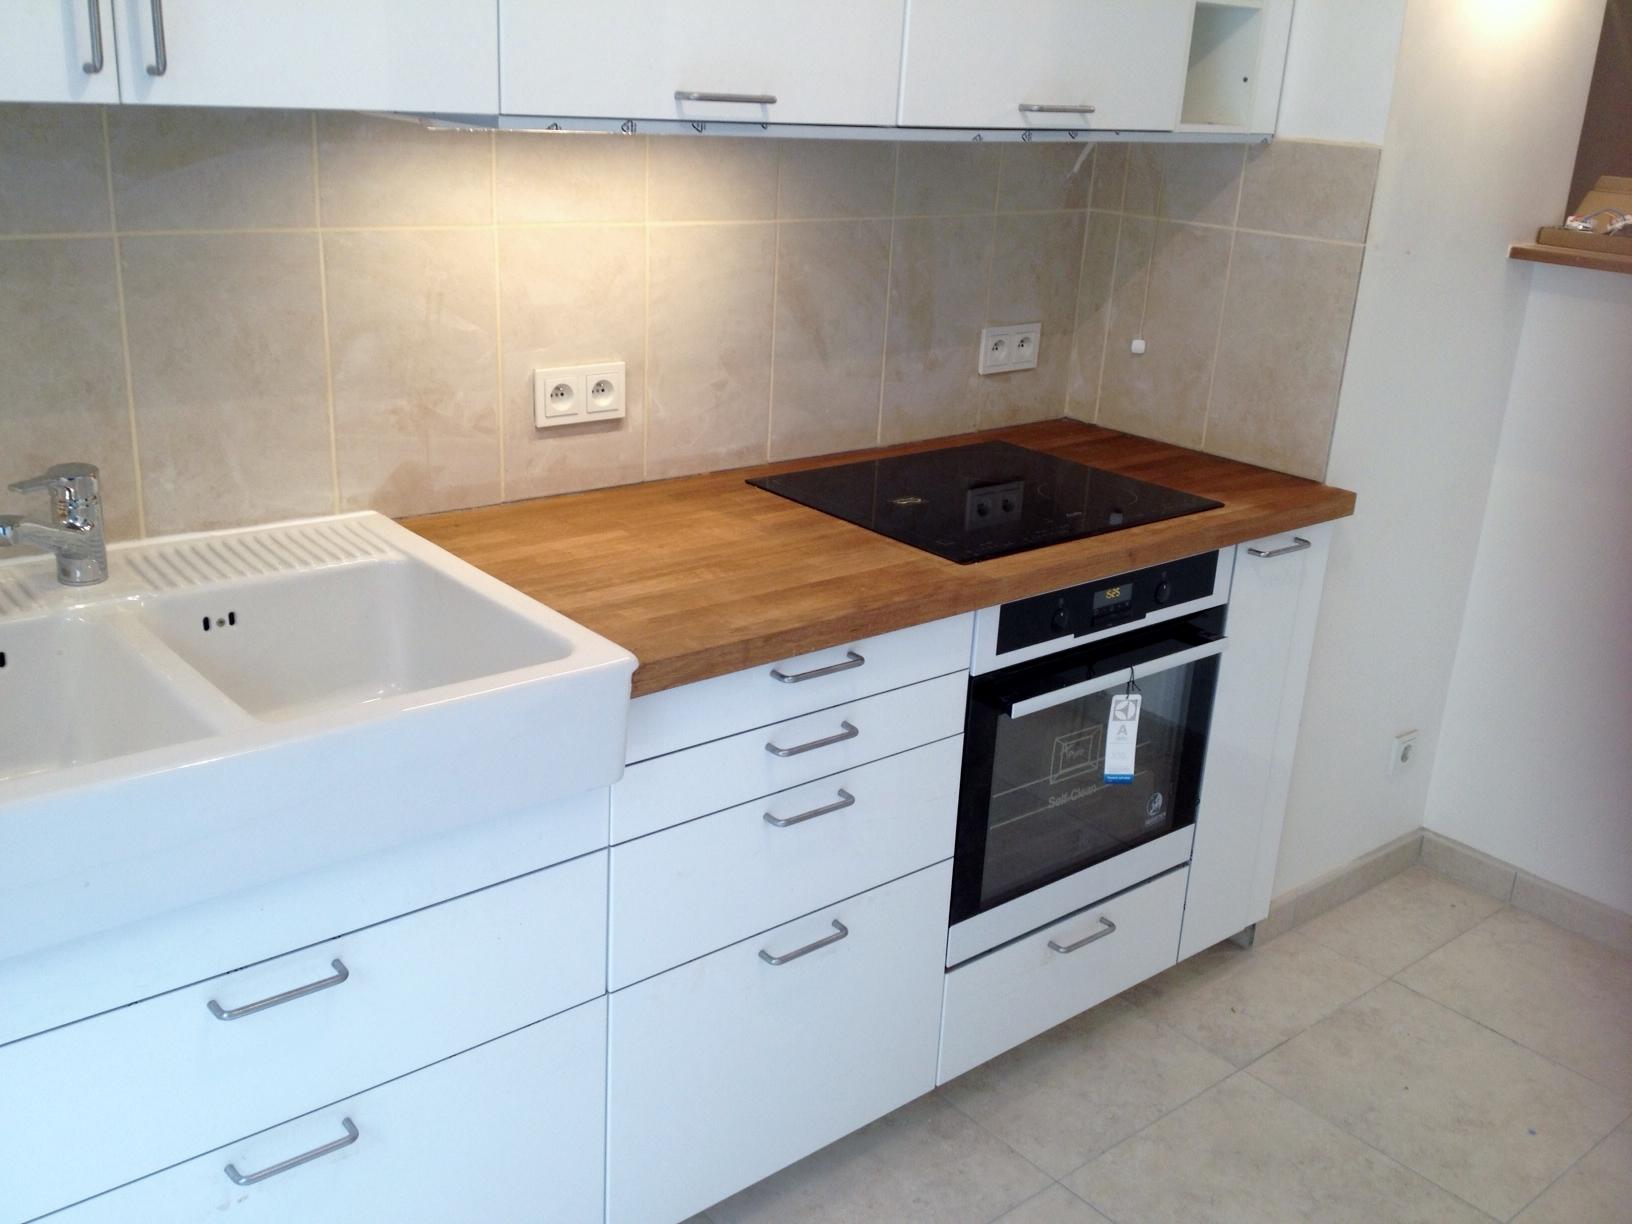 Ancien Meuble Cuisine Ikea installateur de cuisine ikea et autres marques